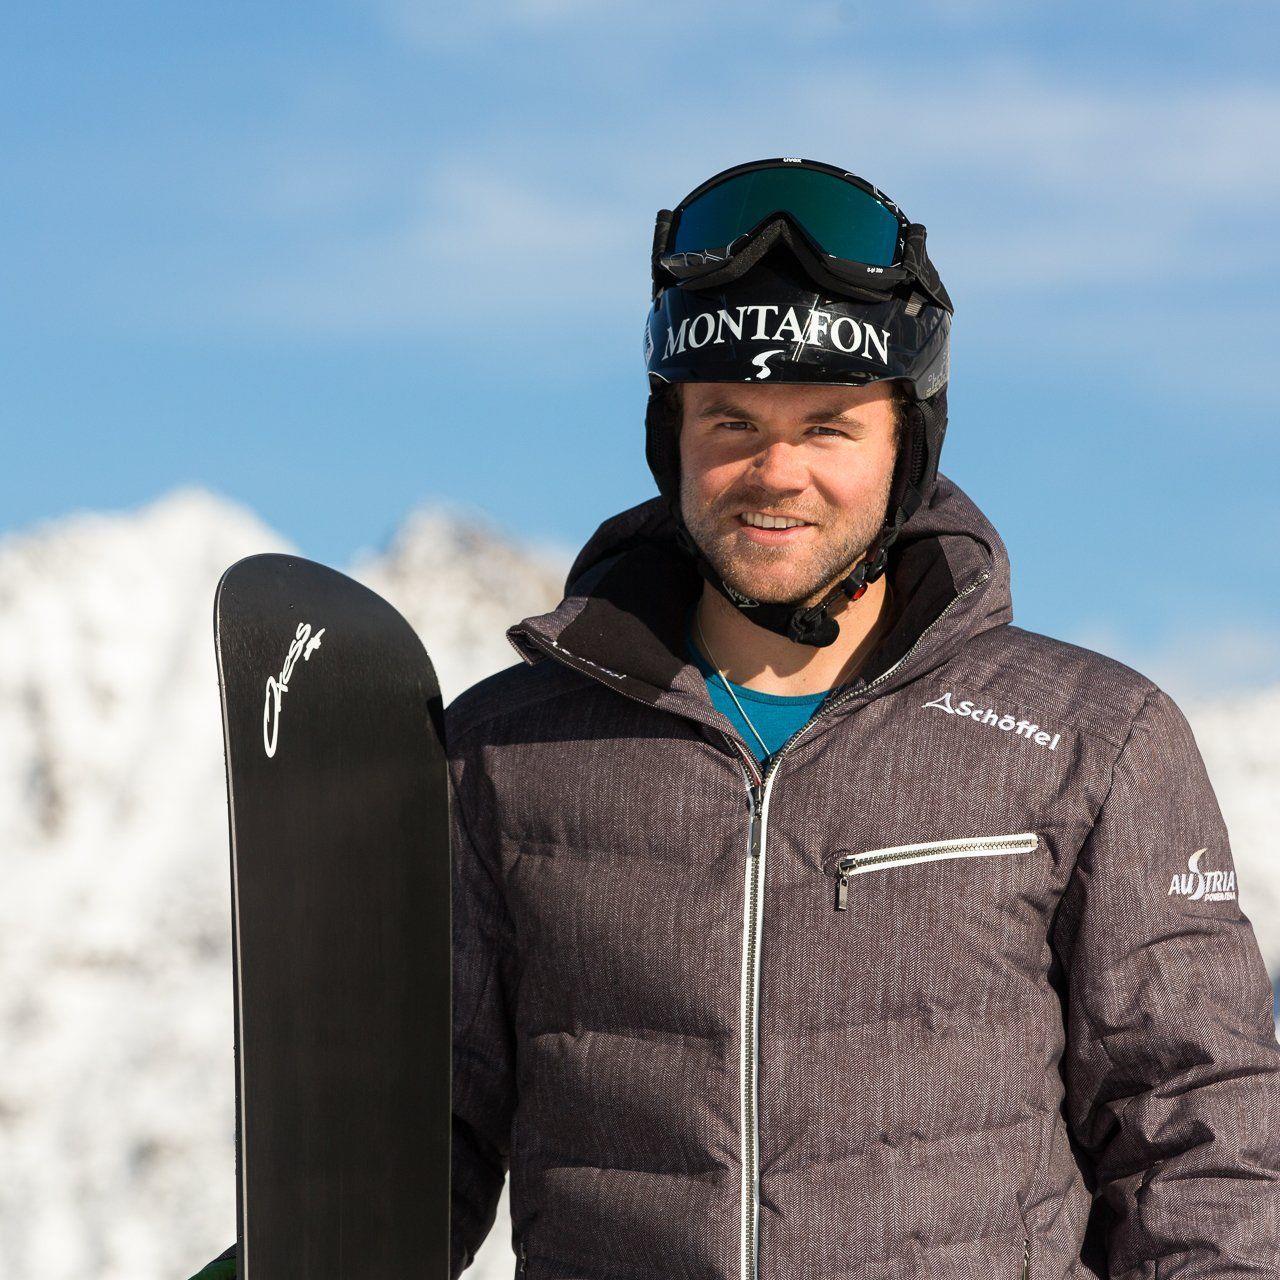 Markus Schairer zählt bei den X-Games zu den Favoriten.